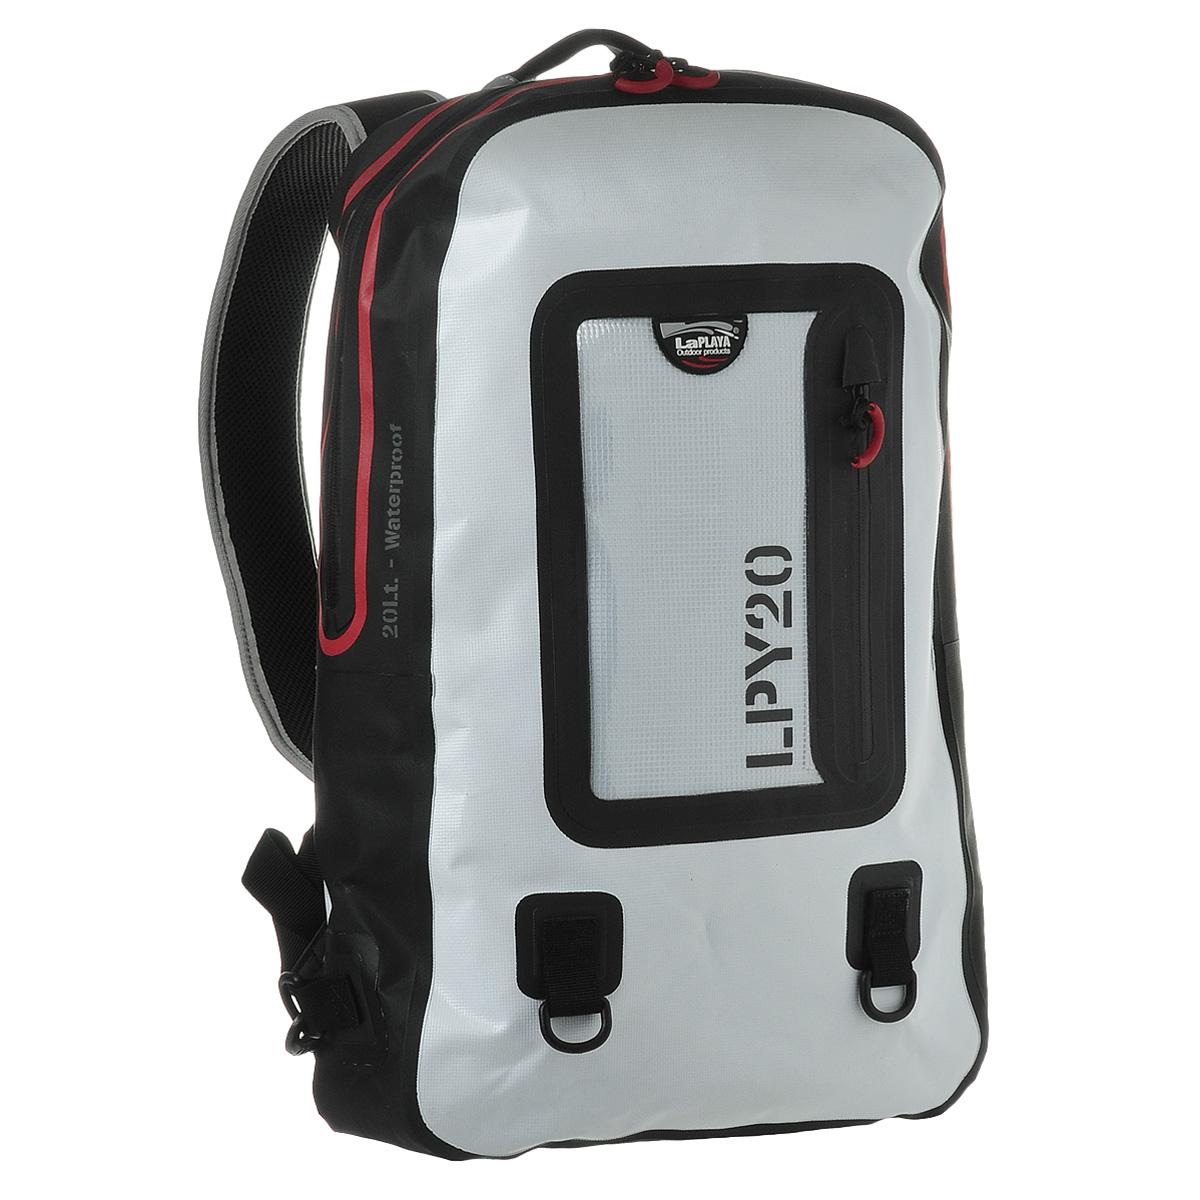 Рюкзак водонепроницаемый LaPlaya, цвет: белый, 20 л800802Водонепроницаемый рюкзак LaPlaya - незаменимая вещь для любителей туристических походов, кемпингов и отдыха на природе. Рюкзак выполнен из ПВХ (брезент + сетка). Метод термосварки швов обеспечивает 100% герметичность. Рюкзак закрывается на водонепроницаемую молнию, которая не позволит воде проникнуть внутрь. Внутри содержится съемное противоударное отделение для ноутбука или планшета с карманом на молнии на передней стенке, а также вшитый карман на молнии и 2 сетчатых кармашка. С лицевой стороны рюкзака расположен прозрачный карман, также с водонепроницаемой молнией, очень удобный для хранения документов, билетов и других бумаг. Рюкзак компактный, практичный и очень удобный, он снабжен мягкой спинкой, плечевыми ремнями регулируемой длины и дополнительными съемными креплениями. Также имеется два кольцами для крепления аксессуаров на карабинах. Такой рюкзак - просто находка для экстремалов и любителей проводить много времени на открытом воздухе. LaPlaya DRY BAG...